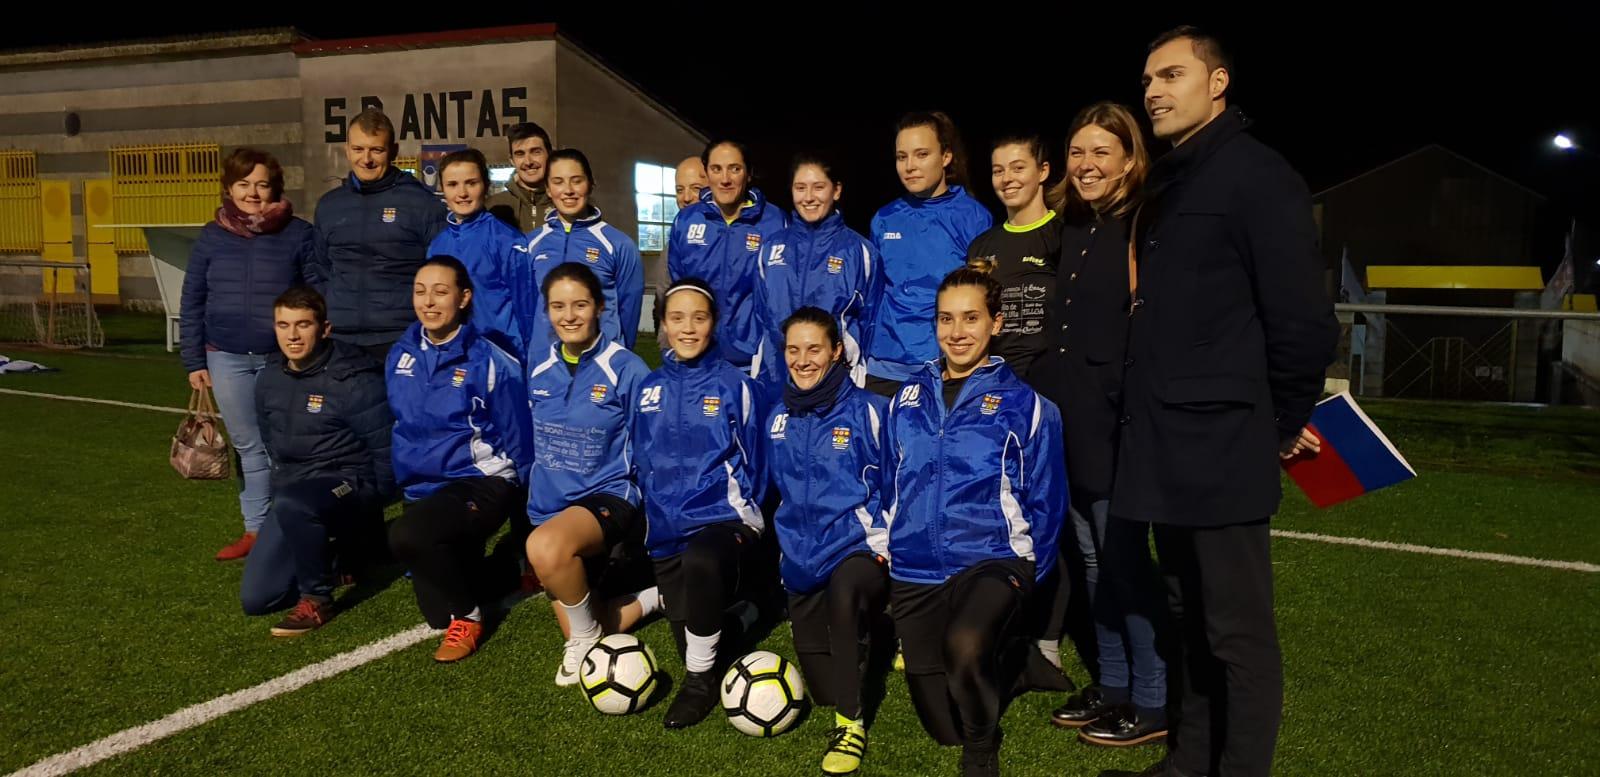 O Goberno da Deputación apoia o deporte feminino en Antas de Ulla con 3.000 euros